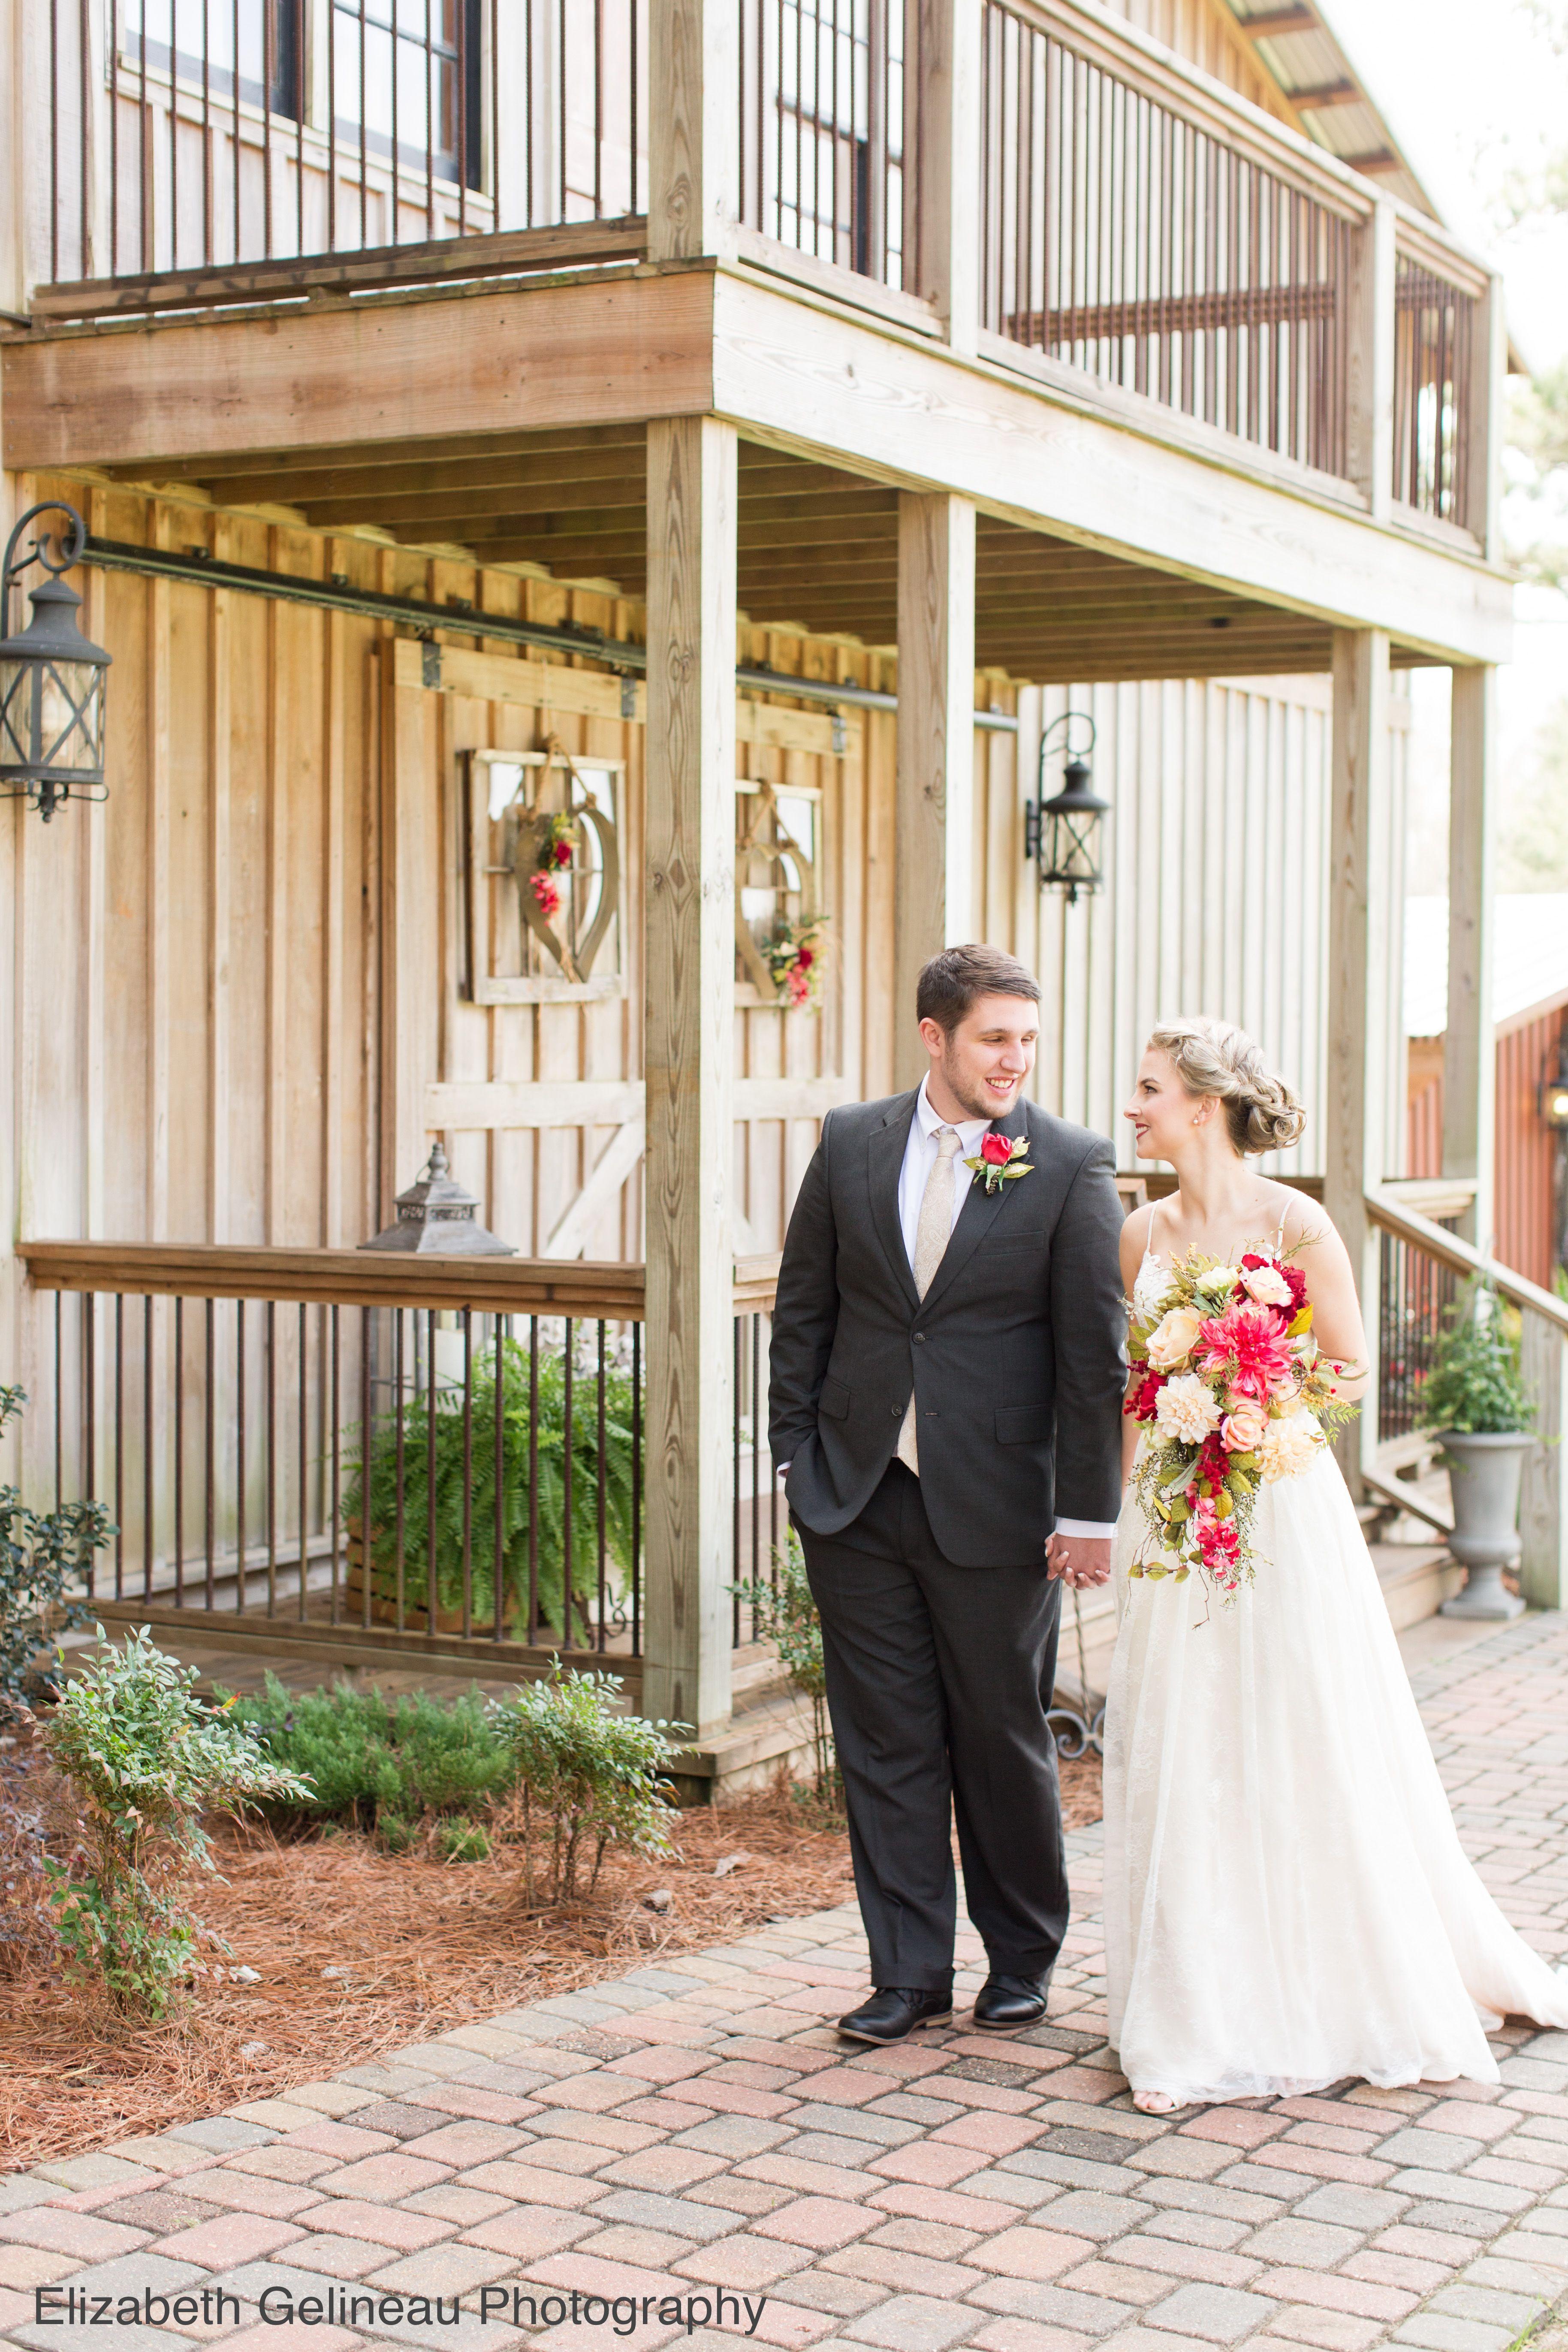 31++ Wedding venues mobile al area information